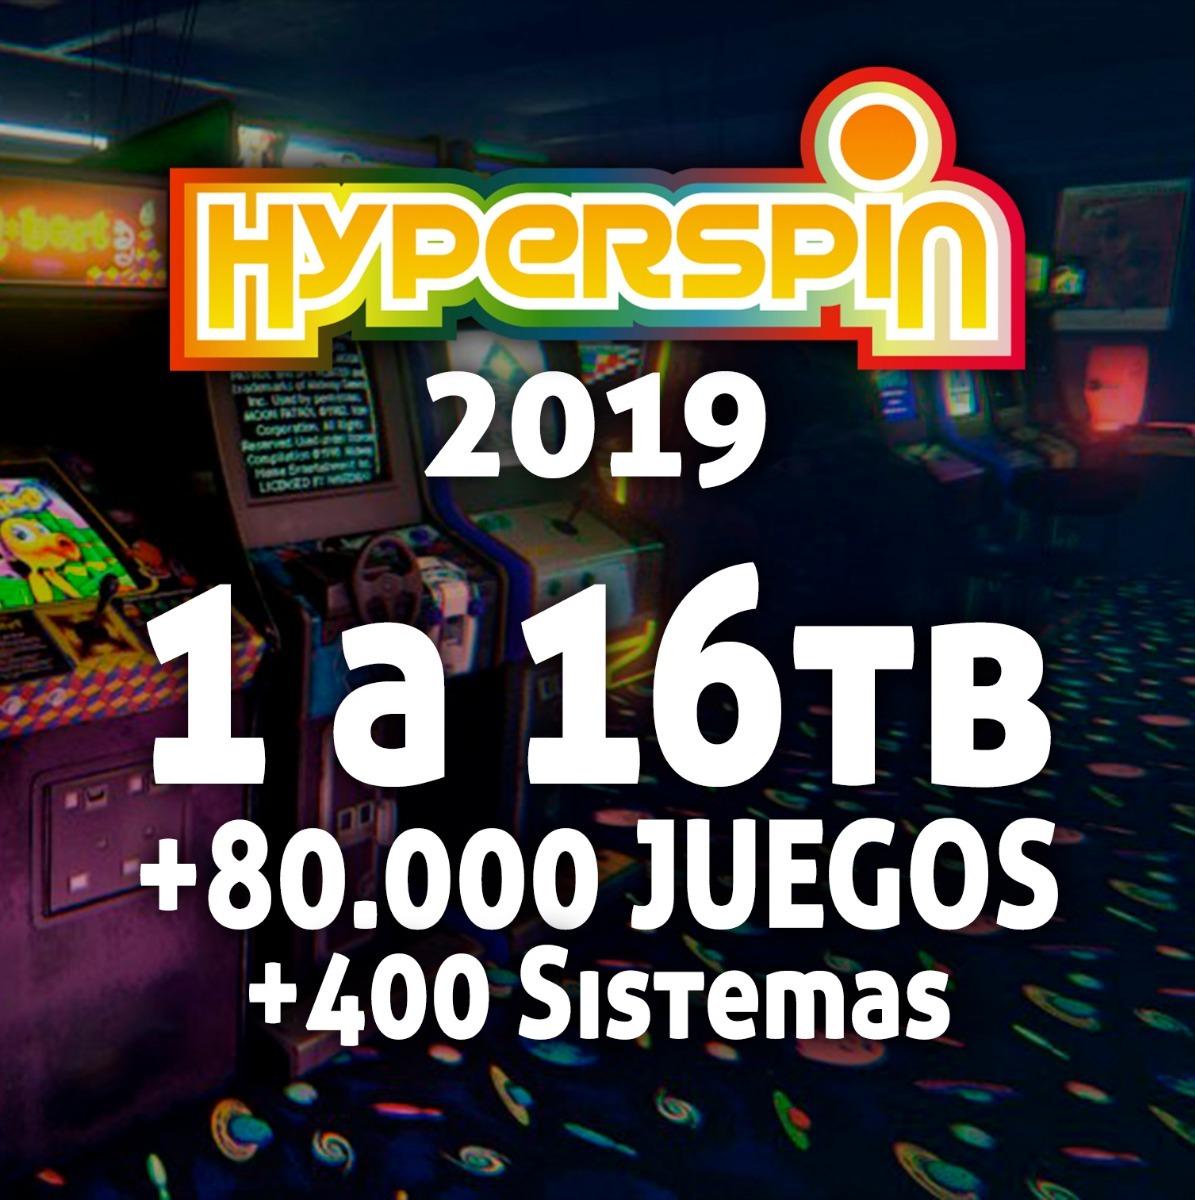 Arcade Hyperspin 2019 Pc 8tb +80 000 Juegos +388 Sistemas